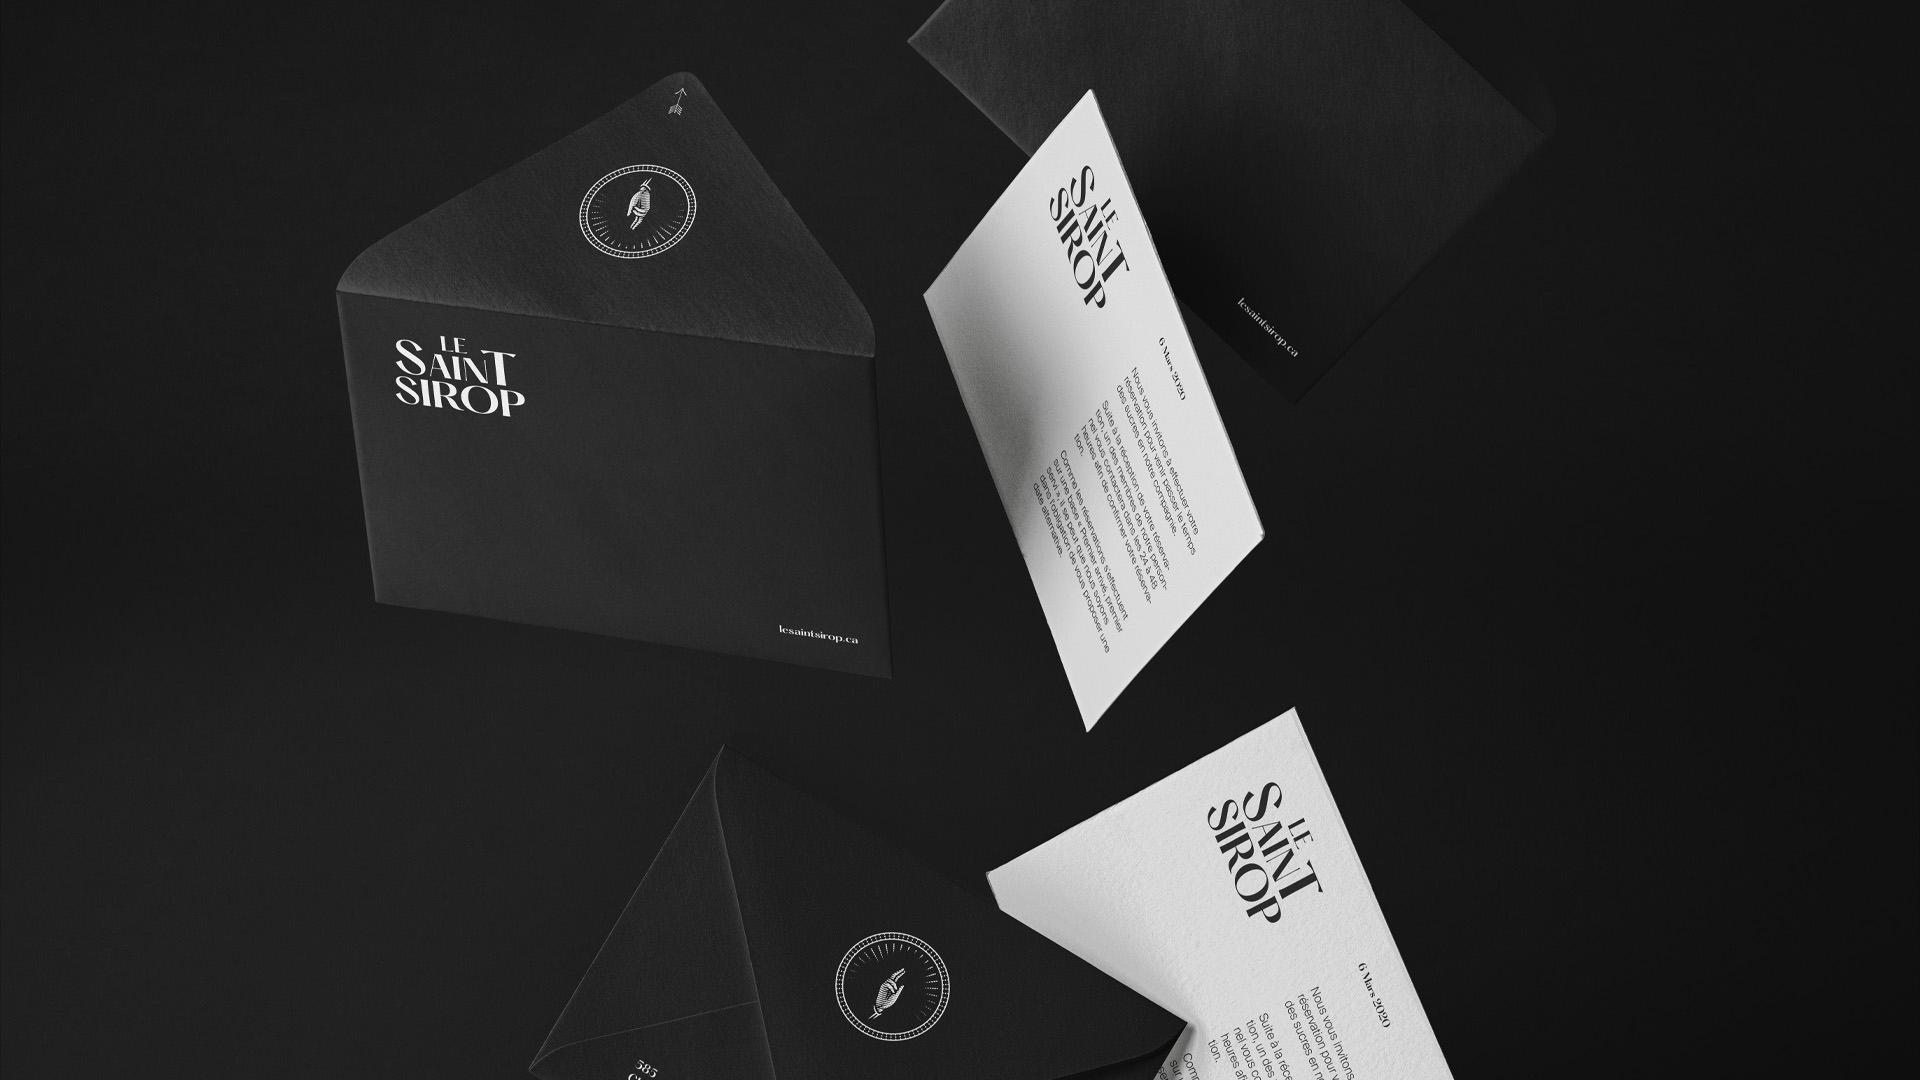 Détails du design graphique d'une papeterie d'affaire - Page Projets - Le Saint Sirop